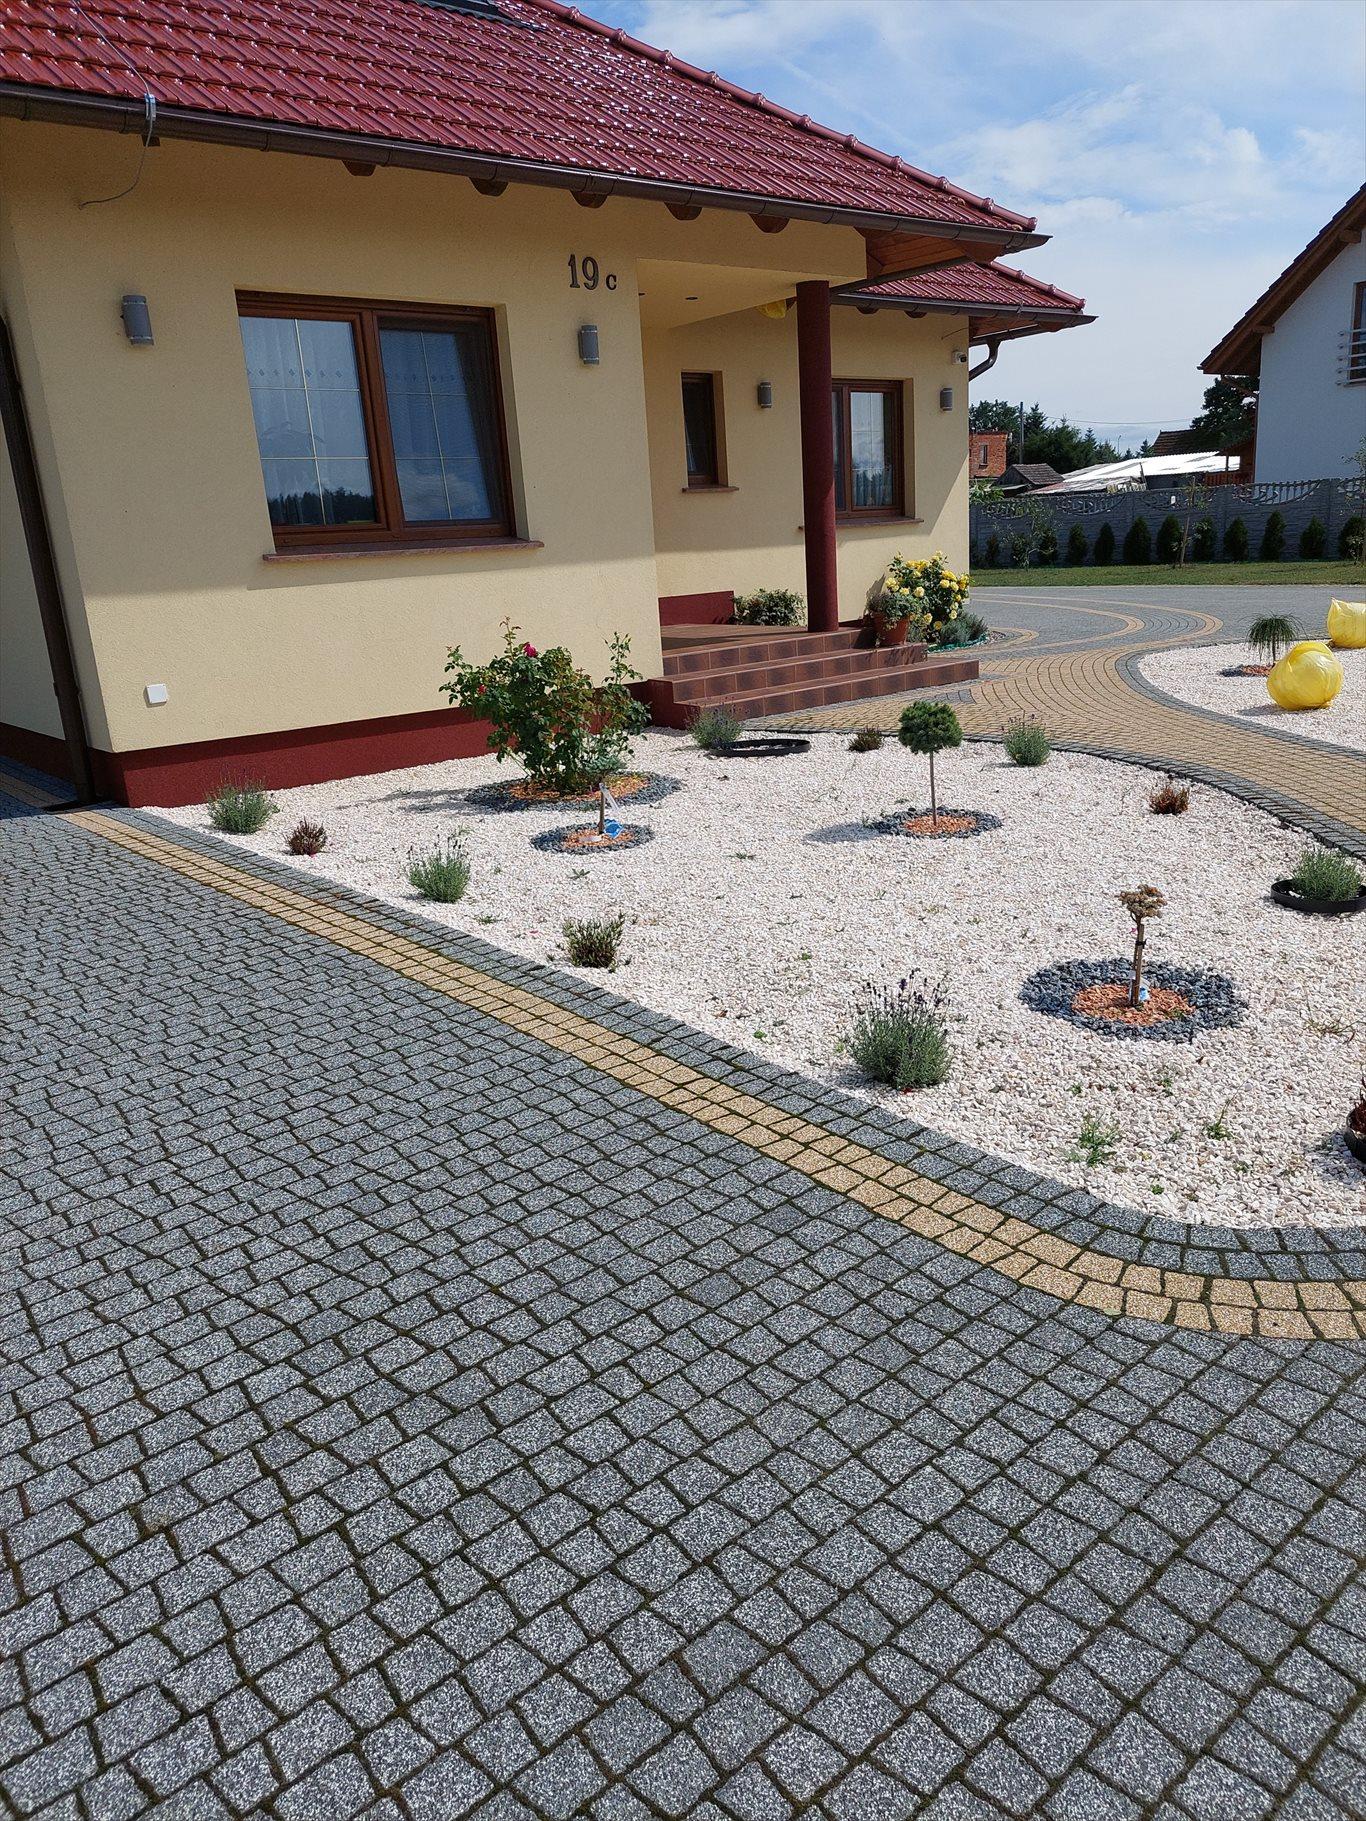 Dom na sprzedaż Milicz, Gogołowice 19c  100m2 Foto 4